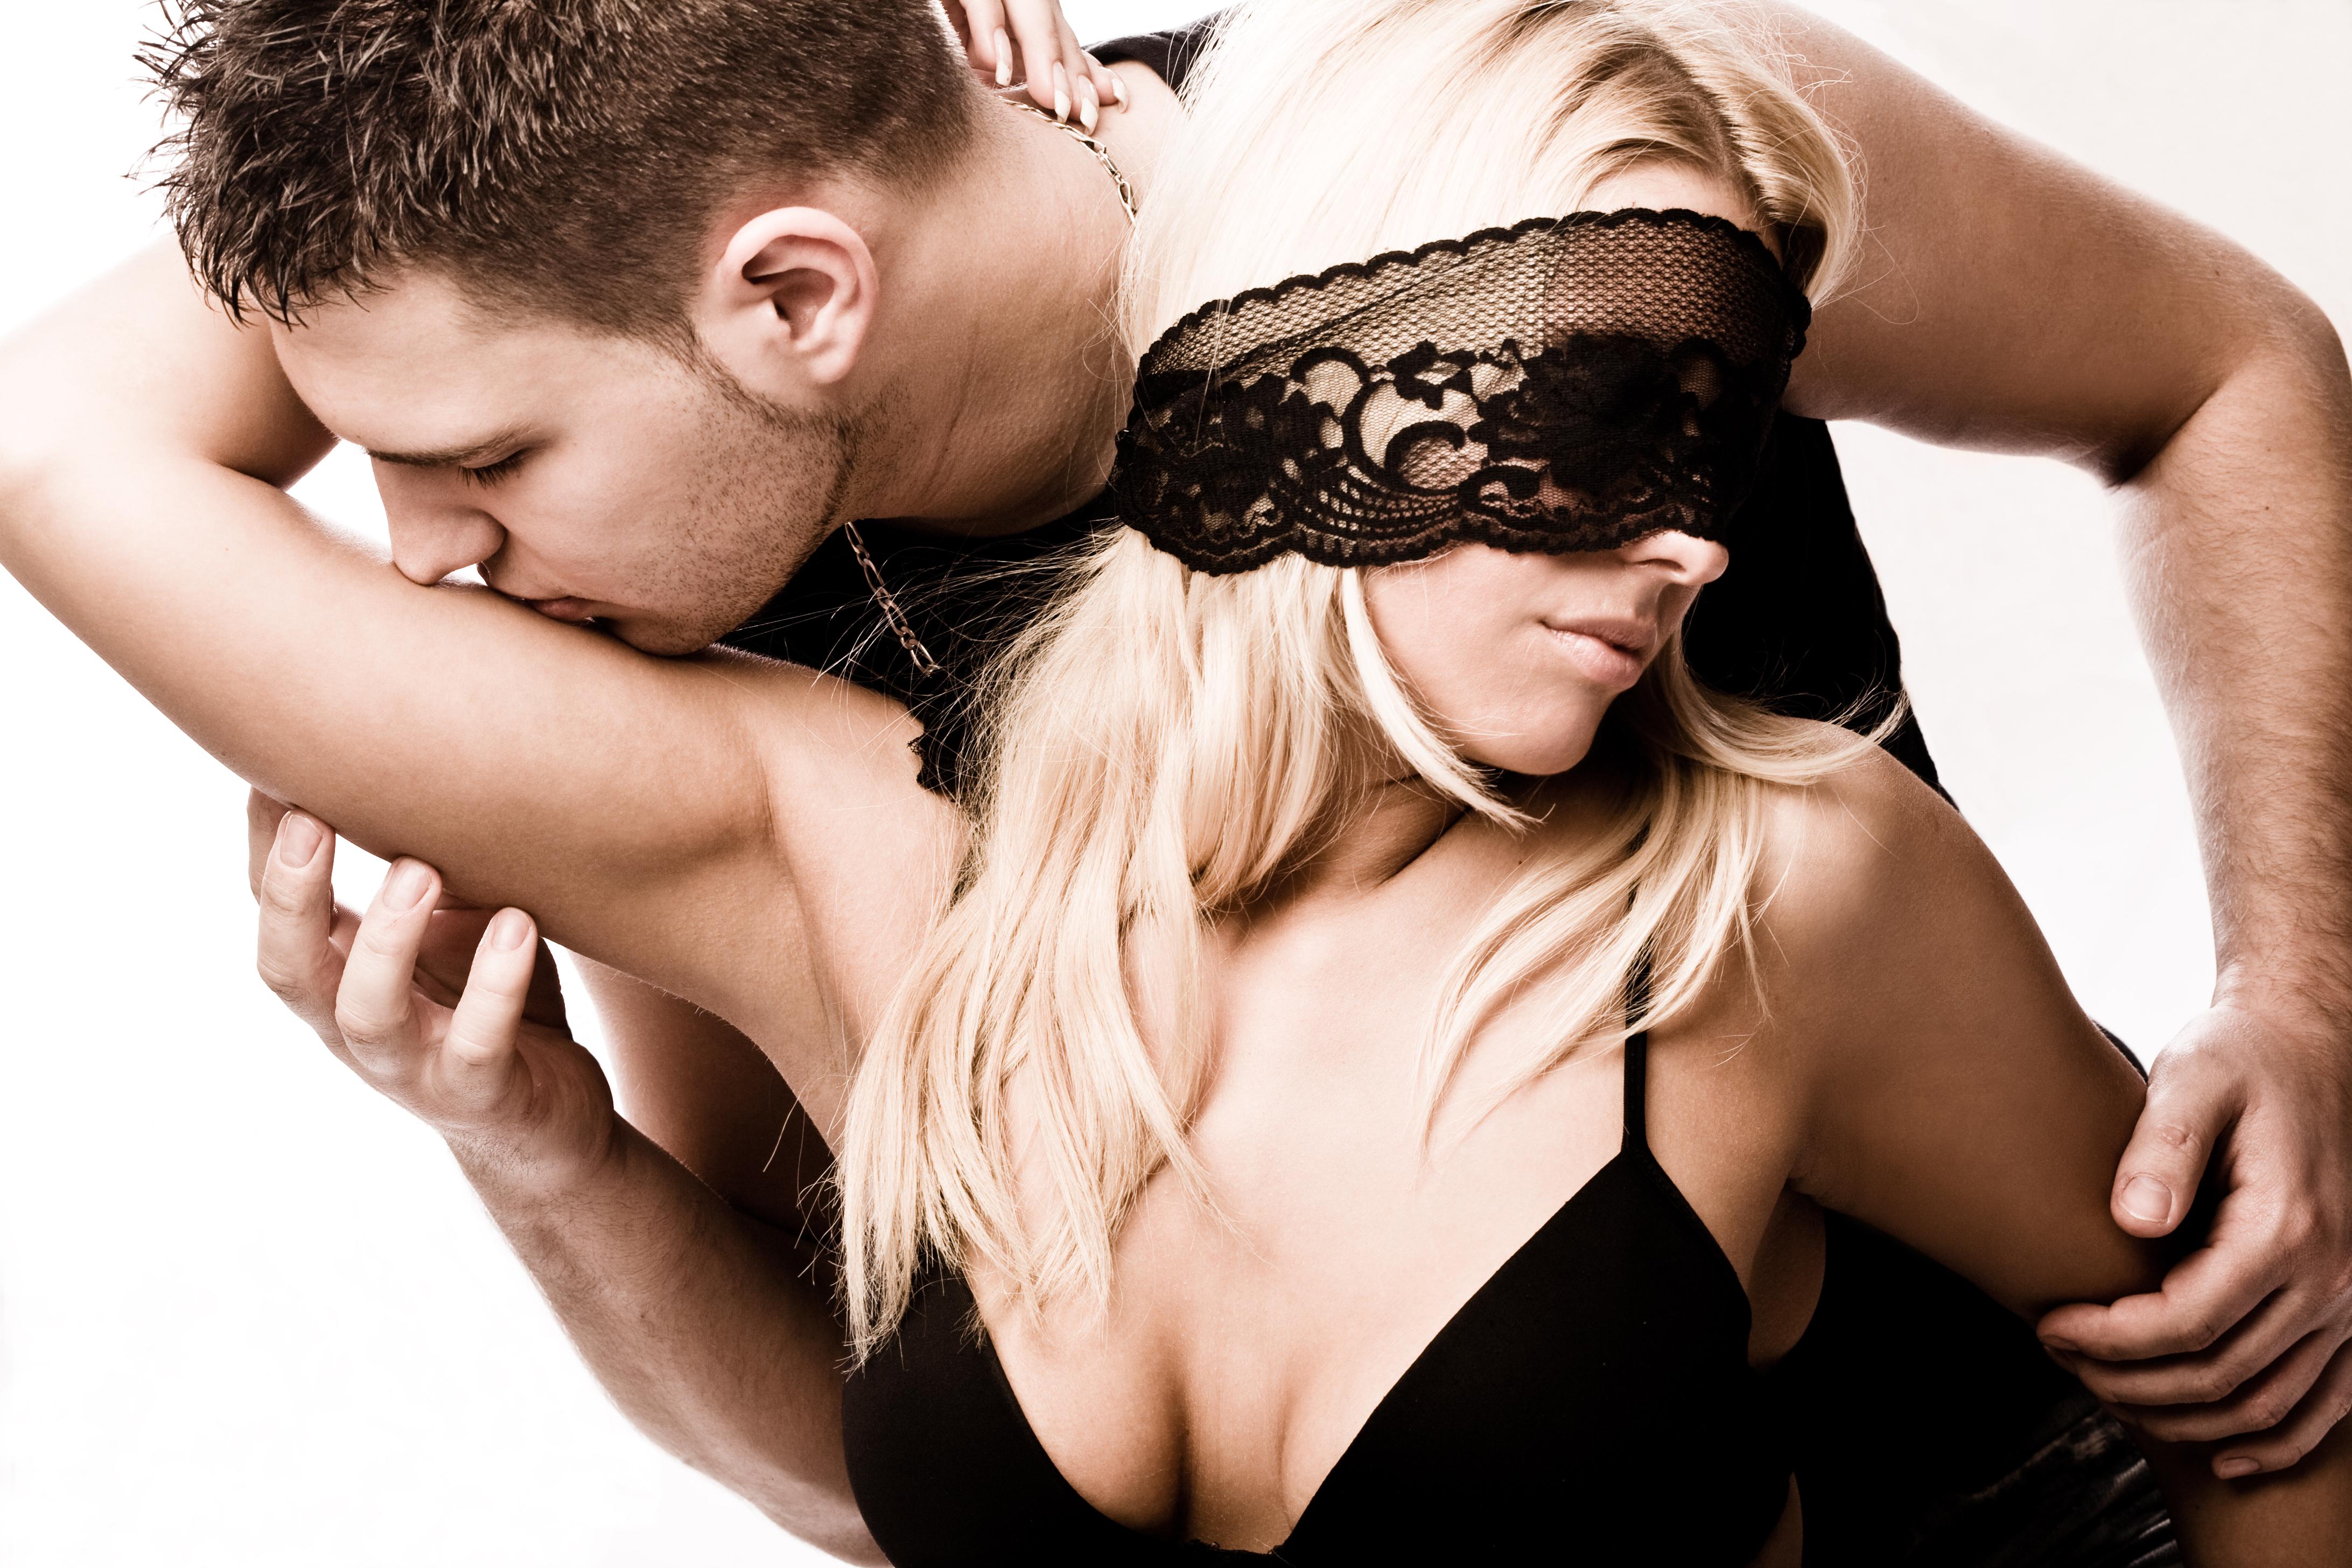 Чем вызвать у мужчины сексуальное желание 26 фотография